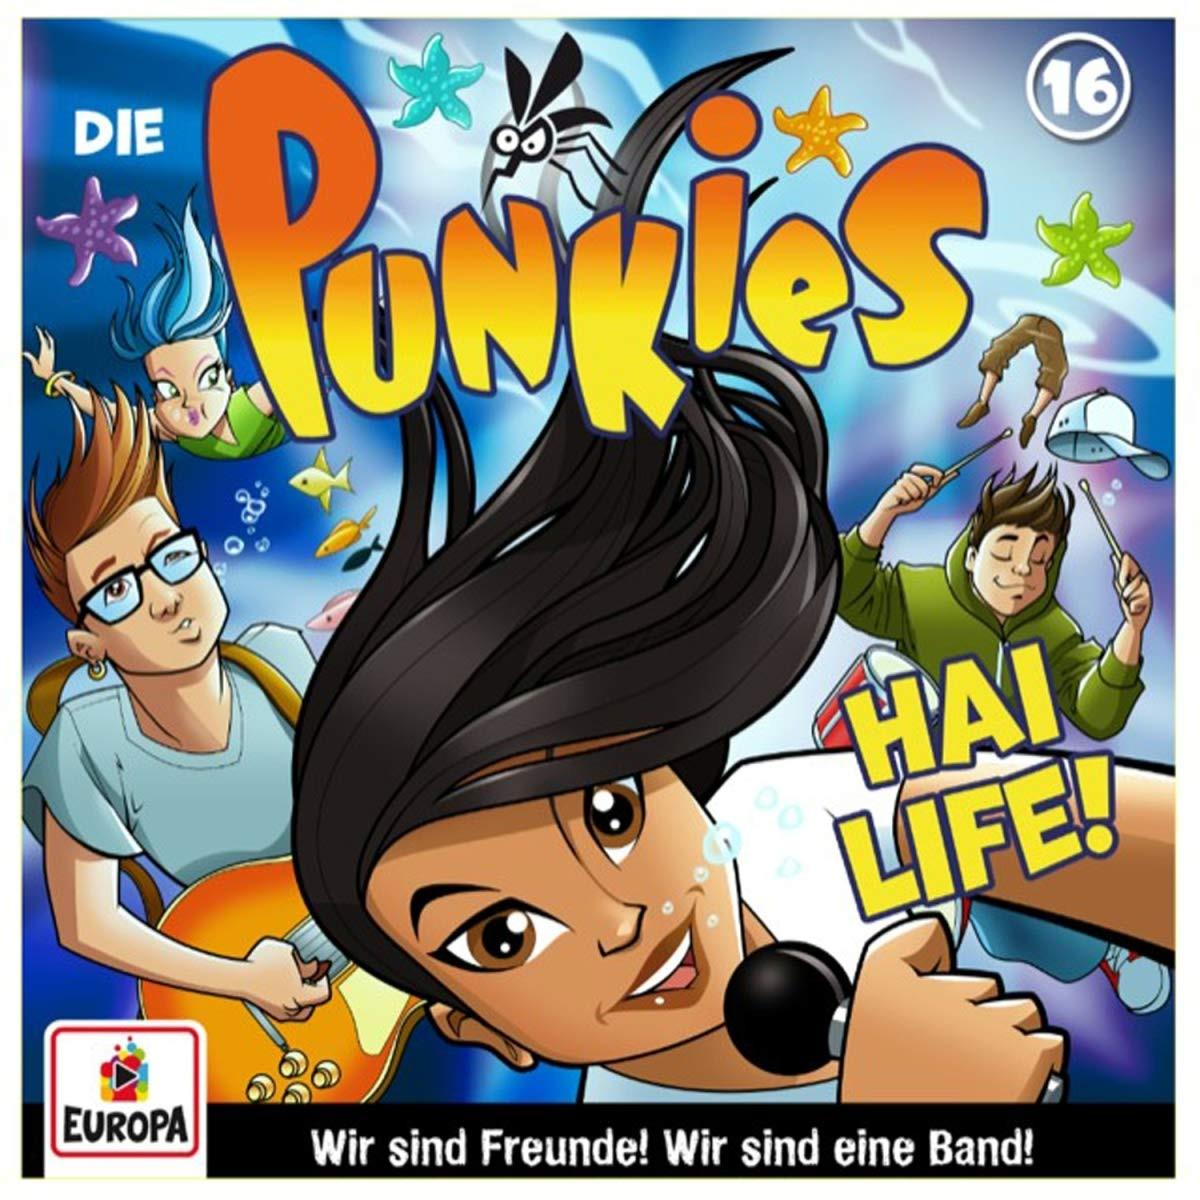 Die Punkies - Folge 16: Hai Life!